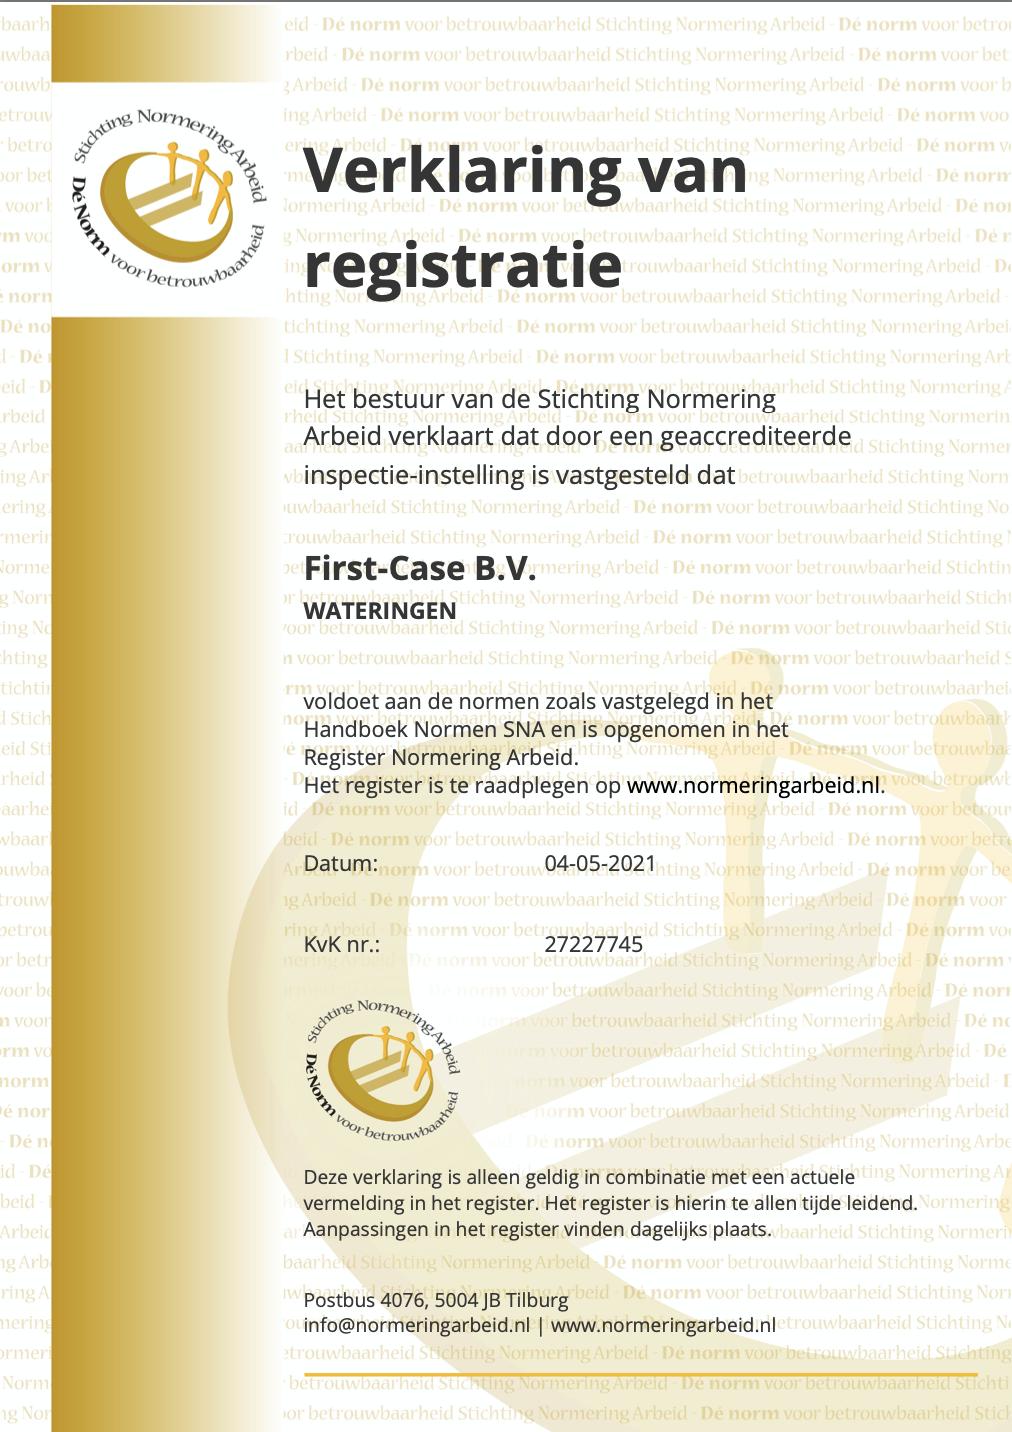 FC Verklaring van registratie NEN4400-1 2021-05-04